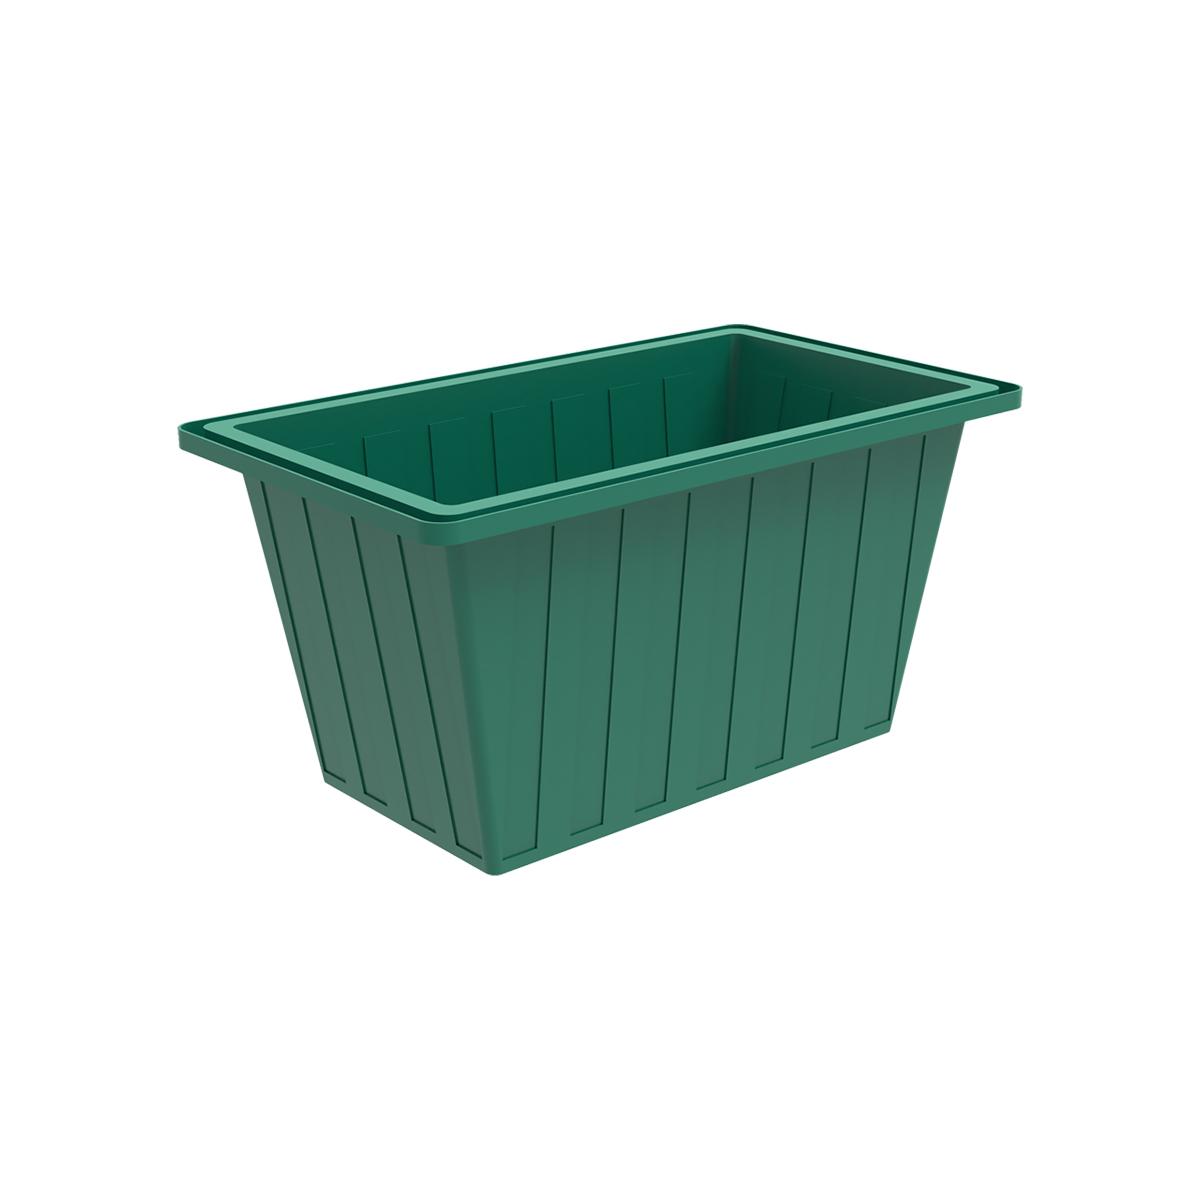 Ванна К 400 литров зеленая